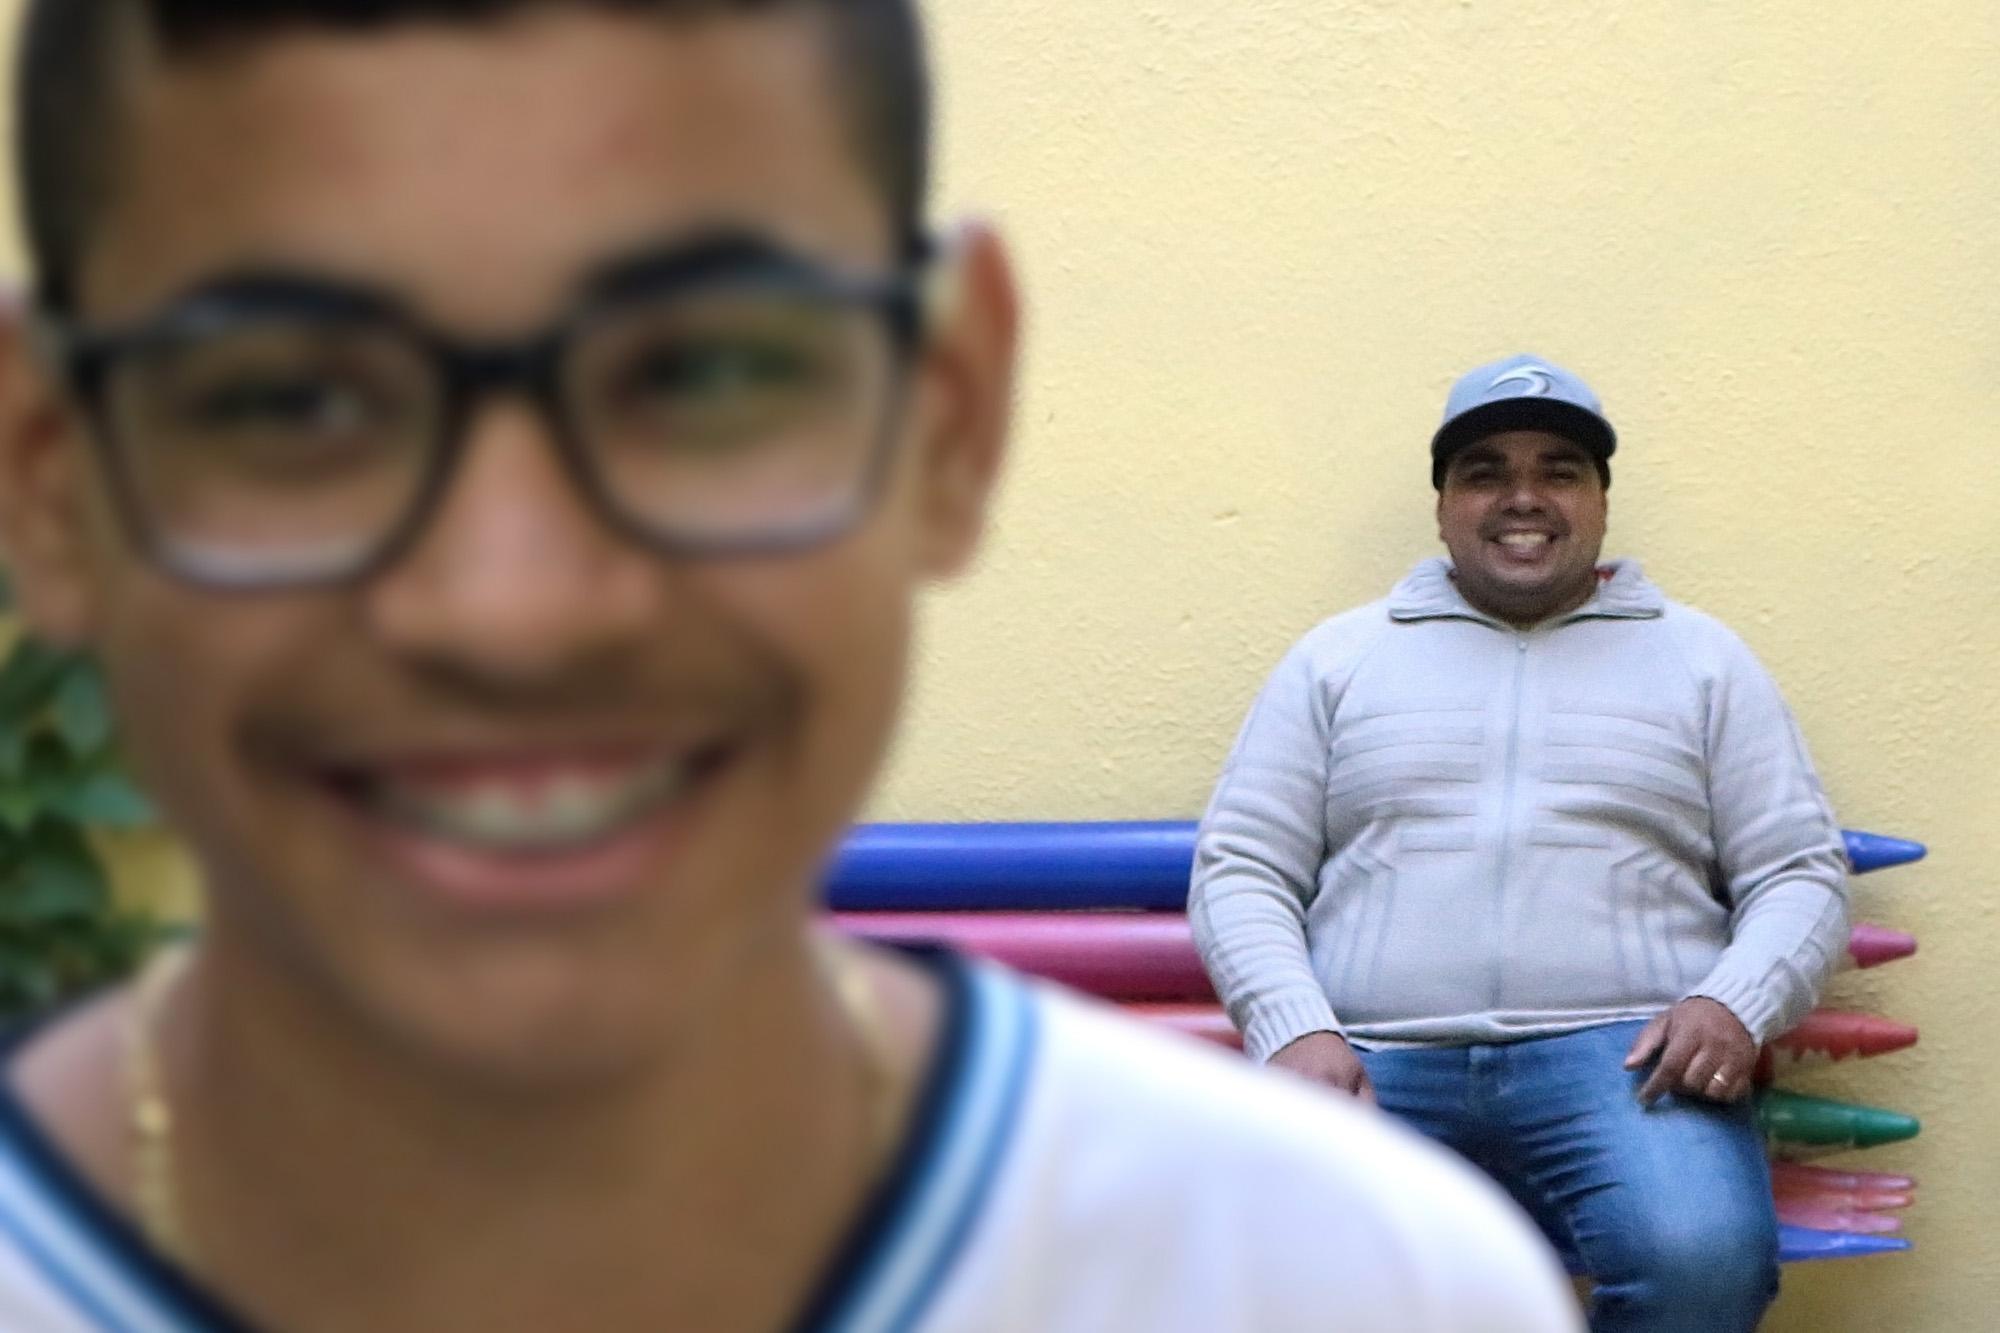 Descrição da imagem: foto de Iago e Moisés sorrindo. Iago está retratado do pescoço pra cima, levemente desfocado. Moisés está cerca de três metros atrás dele, sentado num banco colorido e olhando para o filho. O menino usa óculos e aparelho odontológico..